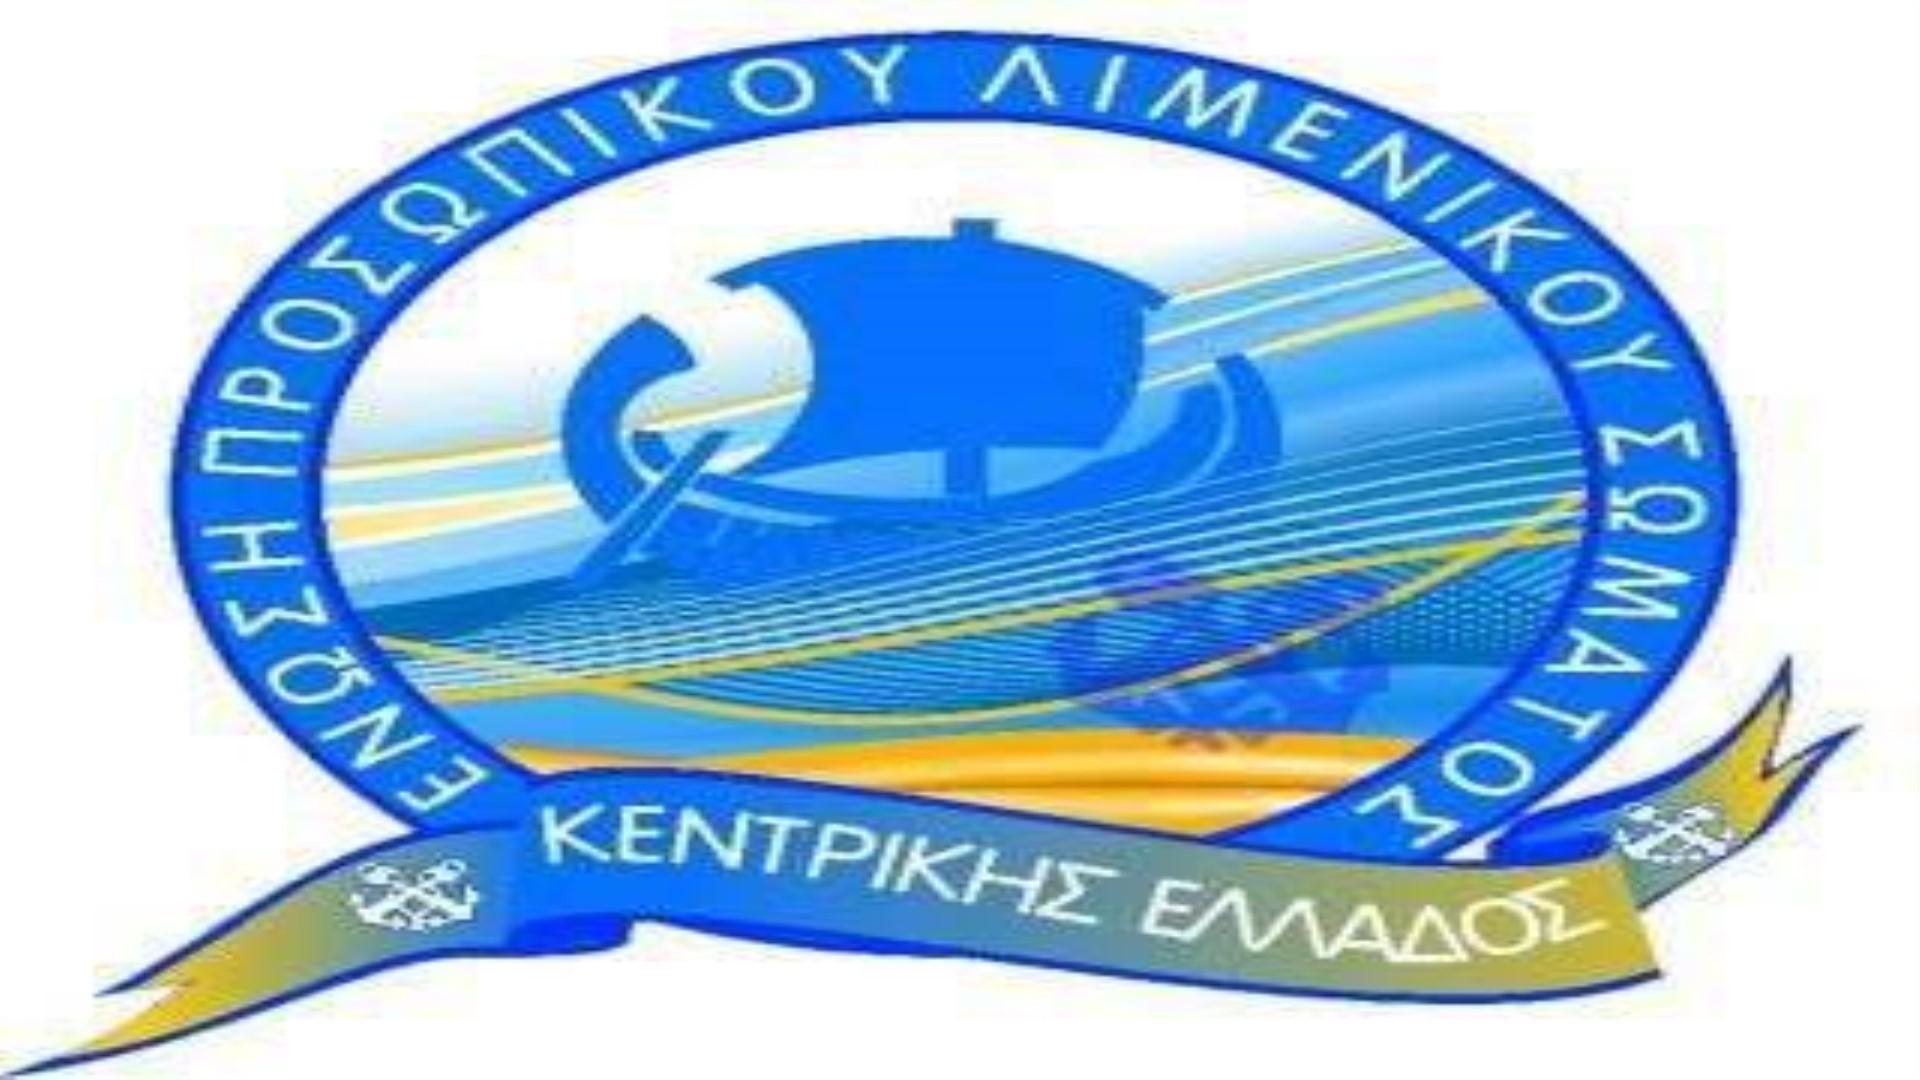 ΕΠΛΣ Κεντρικής Ελλάδας | Συγκρότηση Δ.Σ. και αντιπρόσωποι σε Π.Ο.Ε.Π.Λ.Σ.